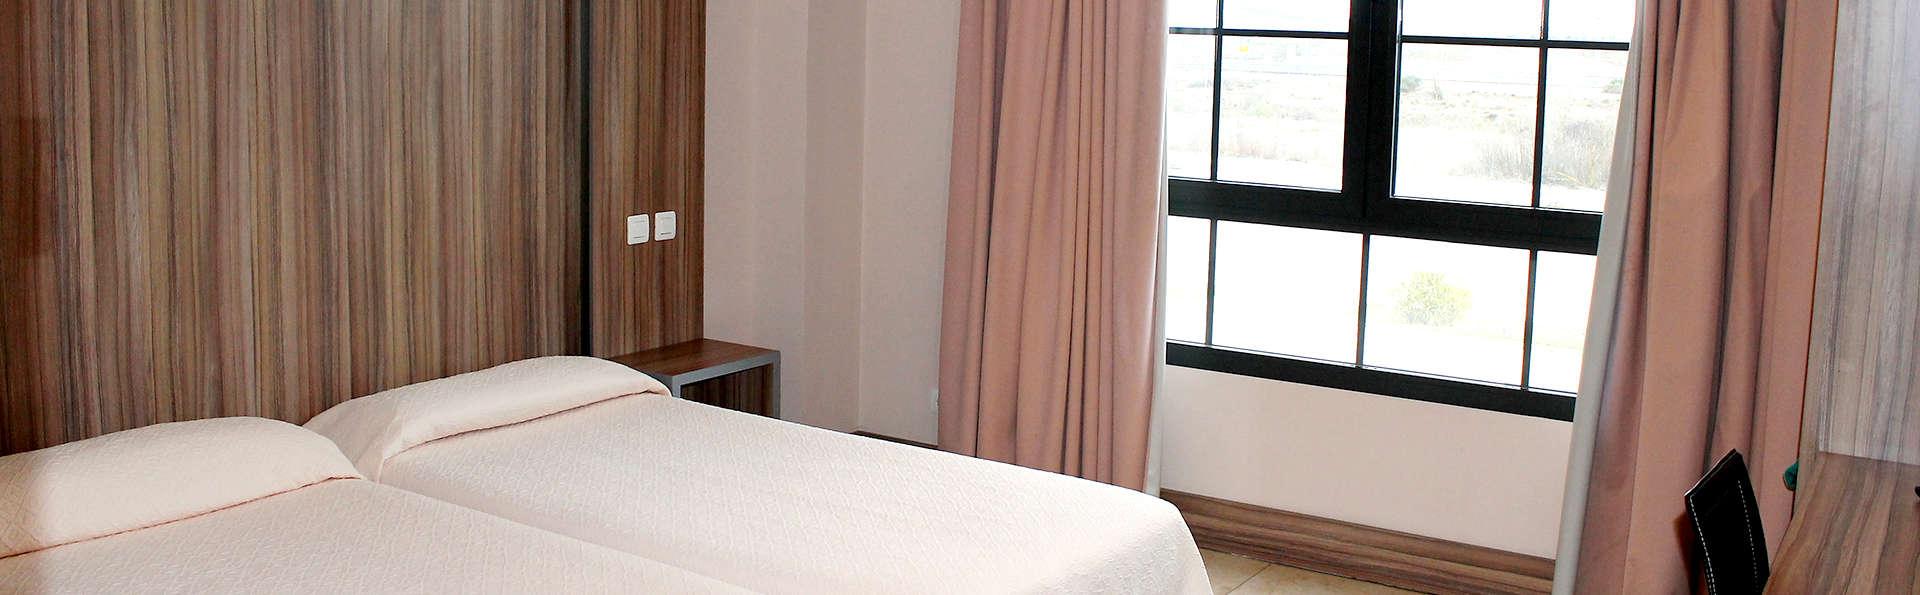 Découvrez Dueñas près de Palencia dans un hôtel 3 étoiles